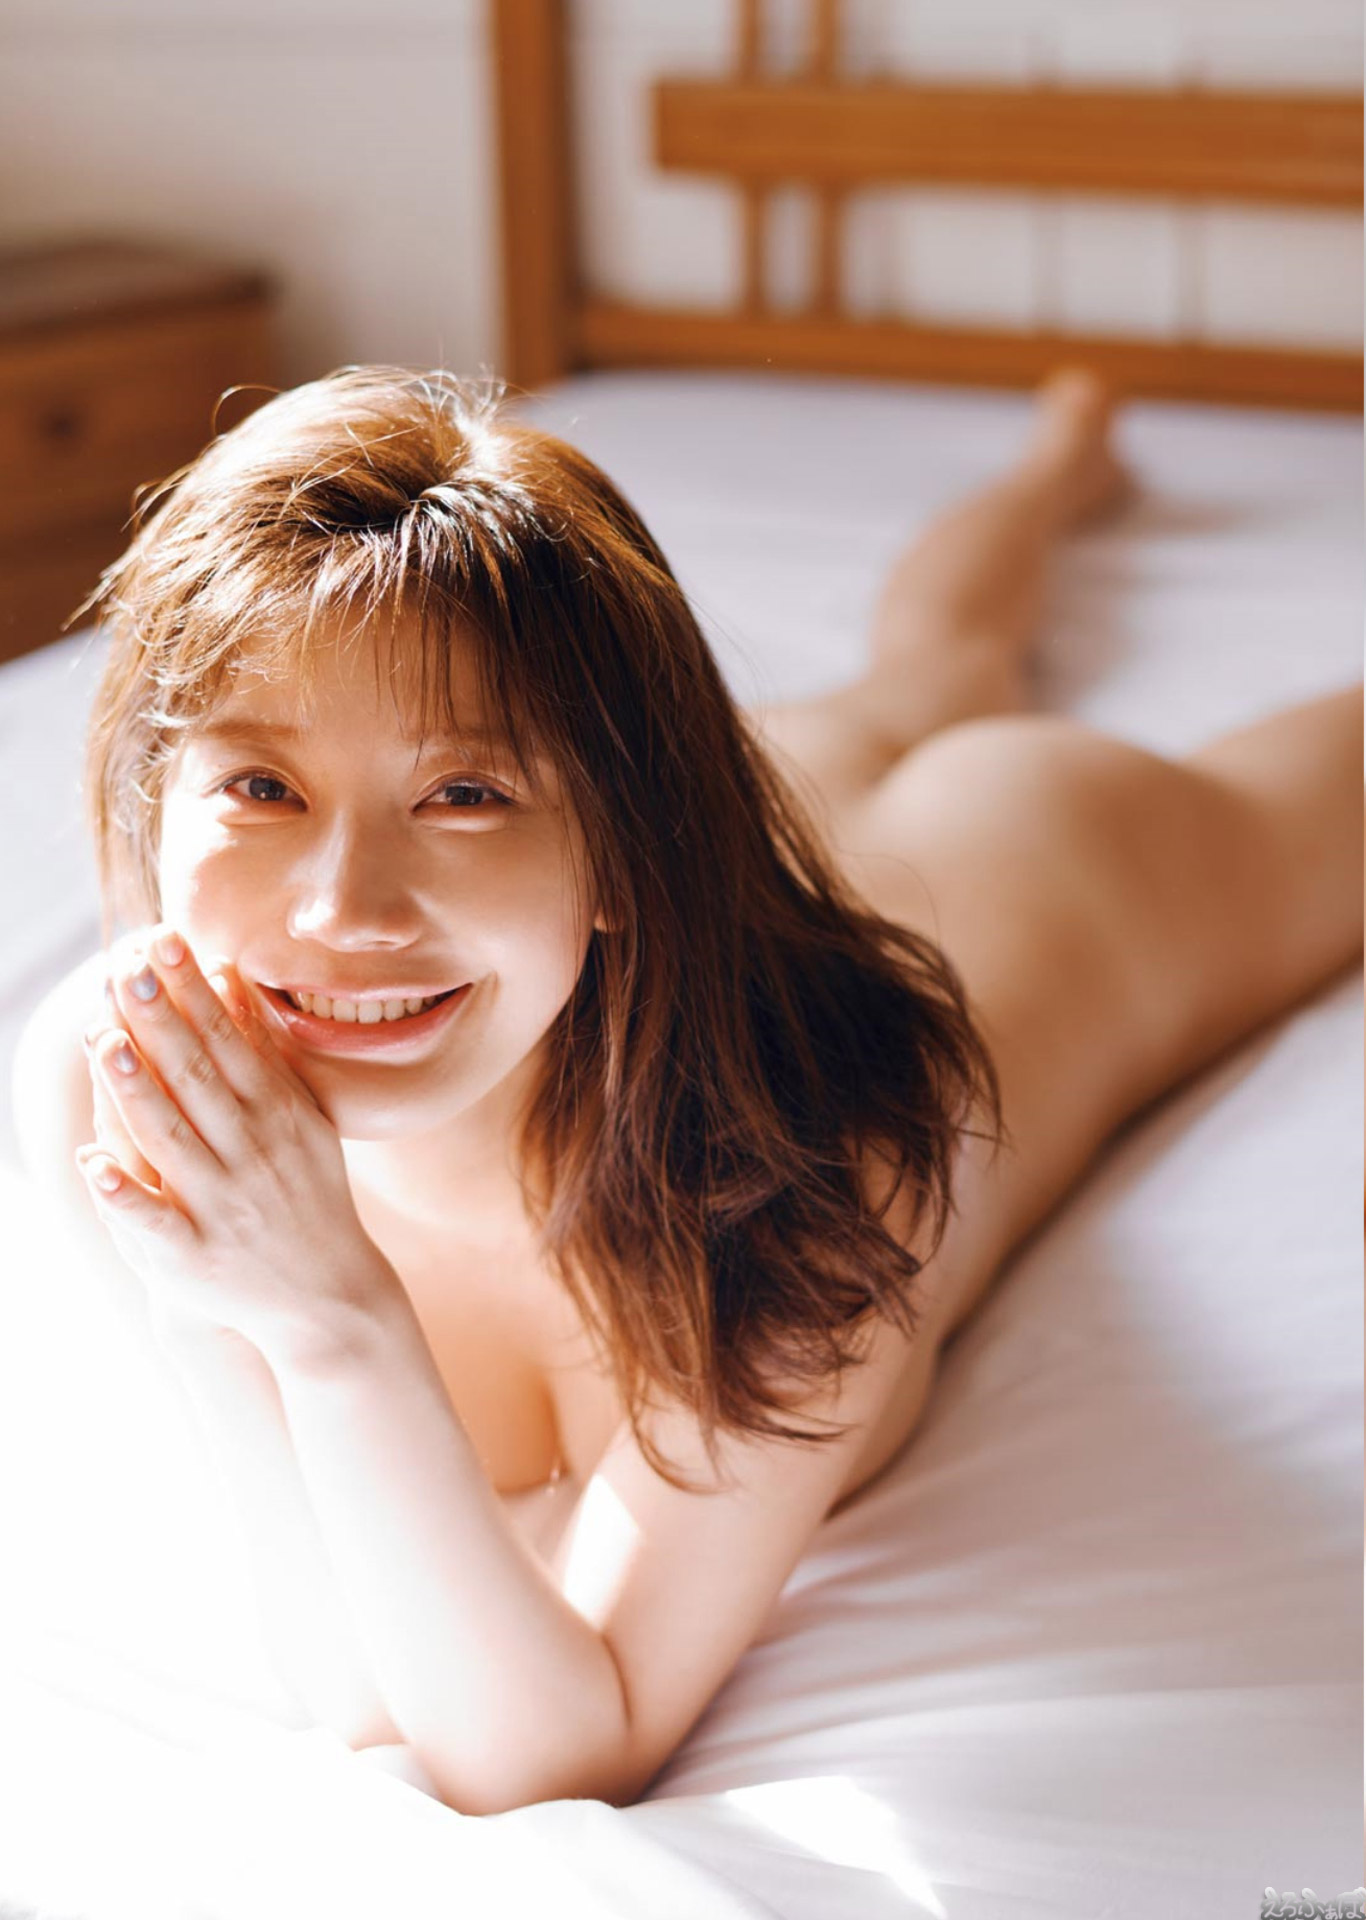 三次元 3次元 エロ画像 セミヌード べっぴん娘通信 07